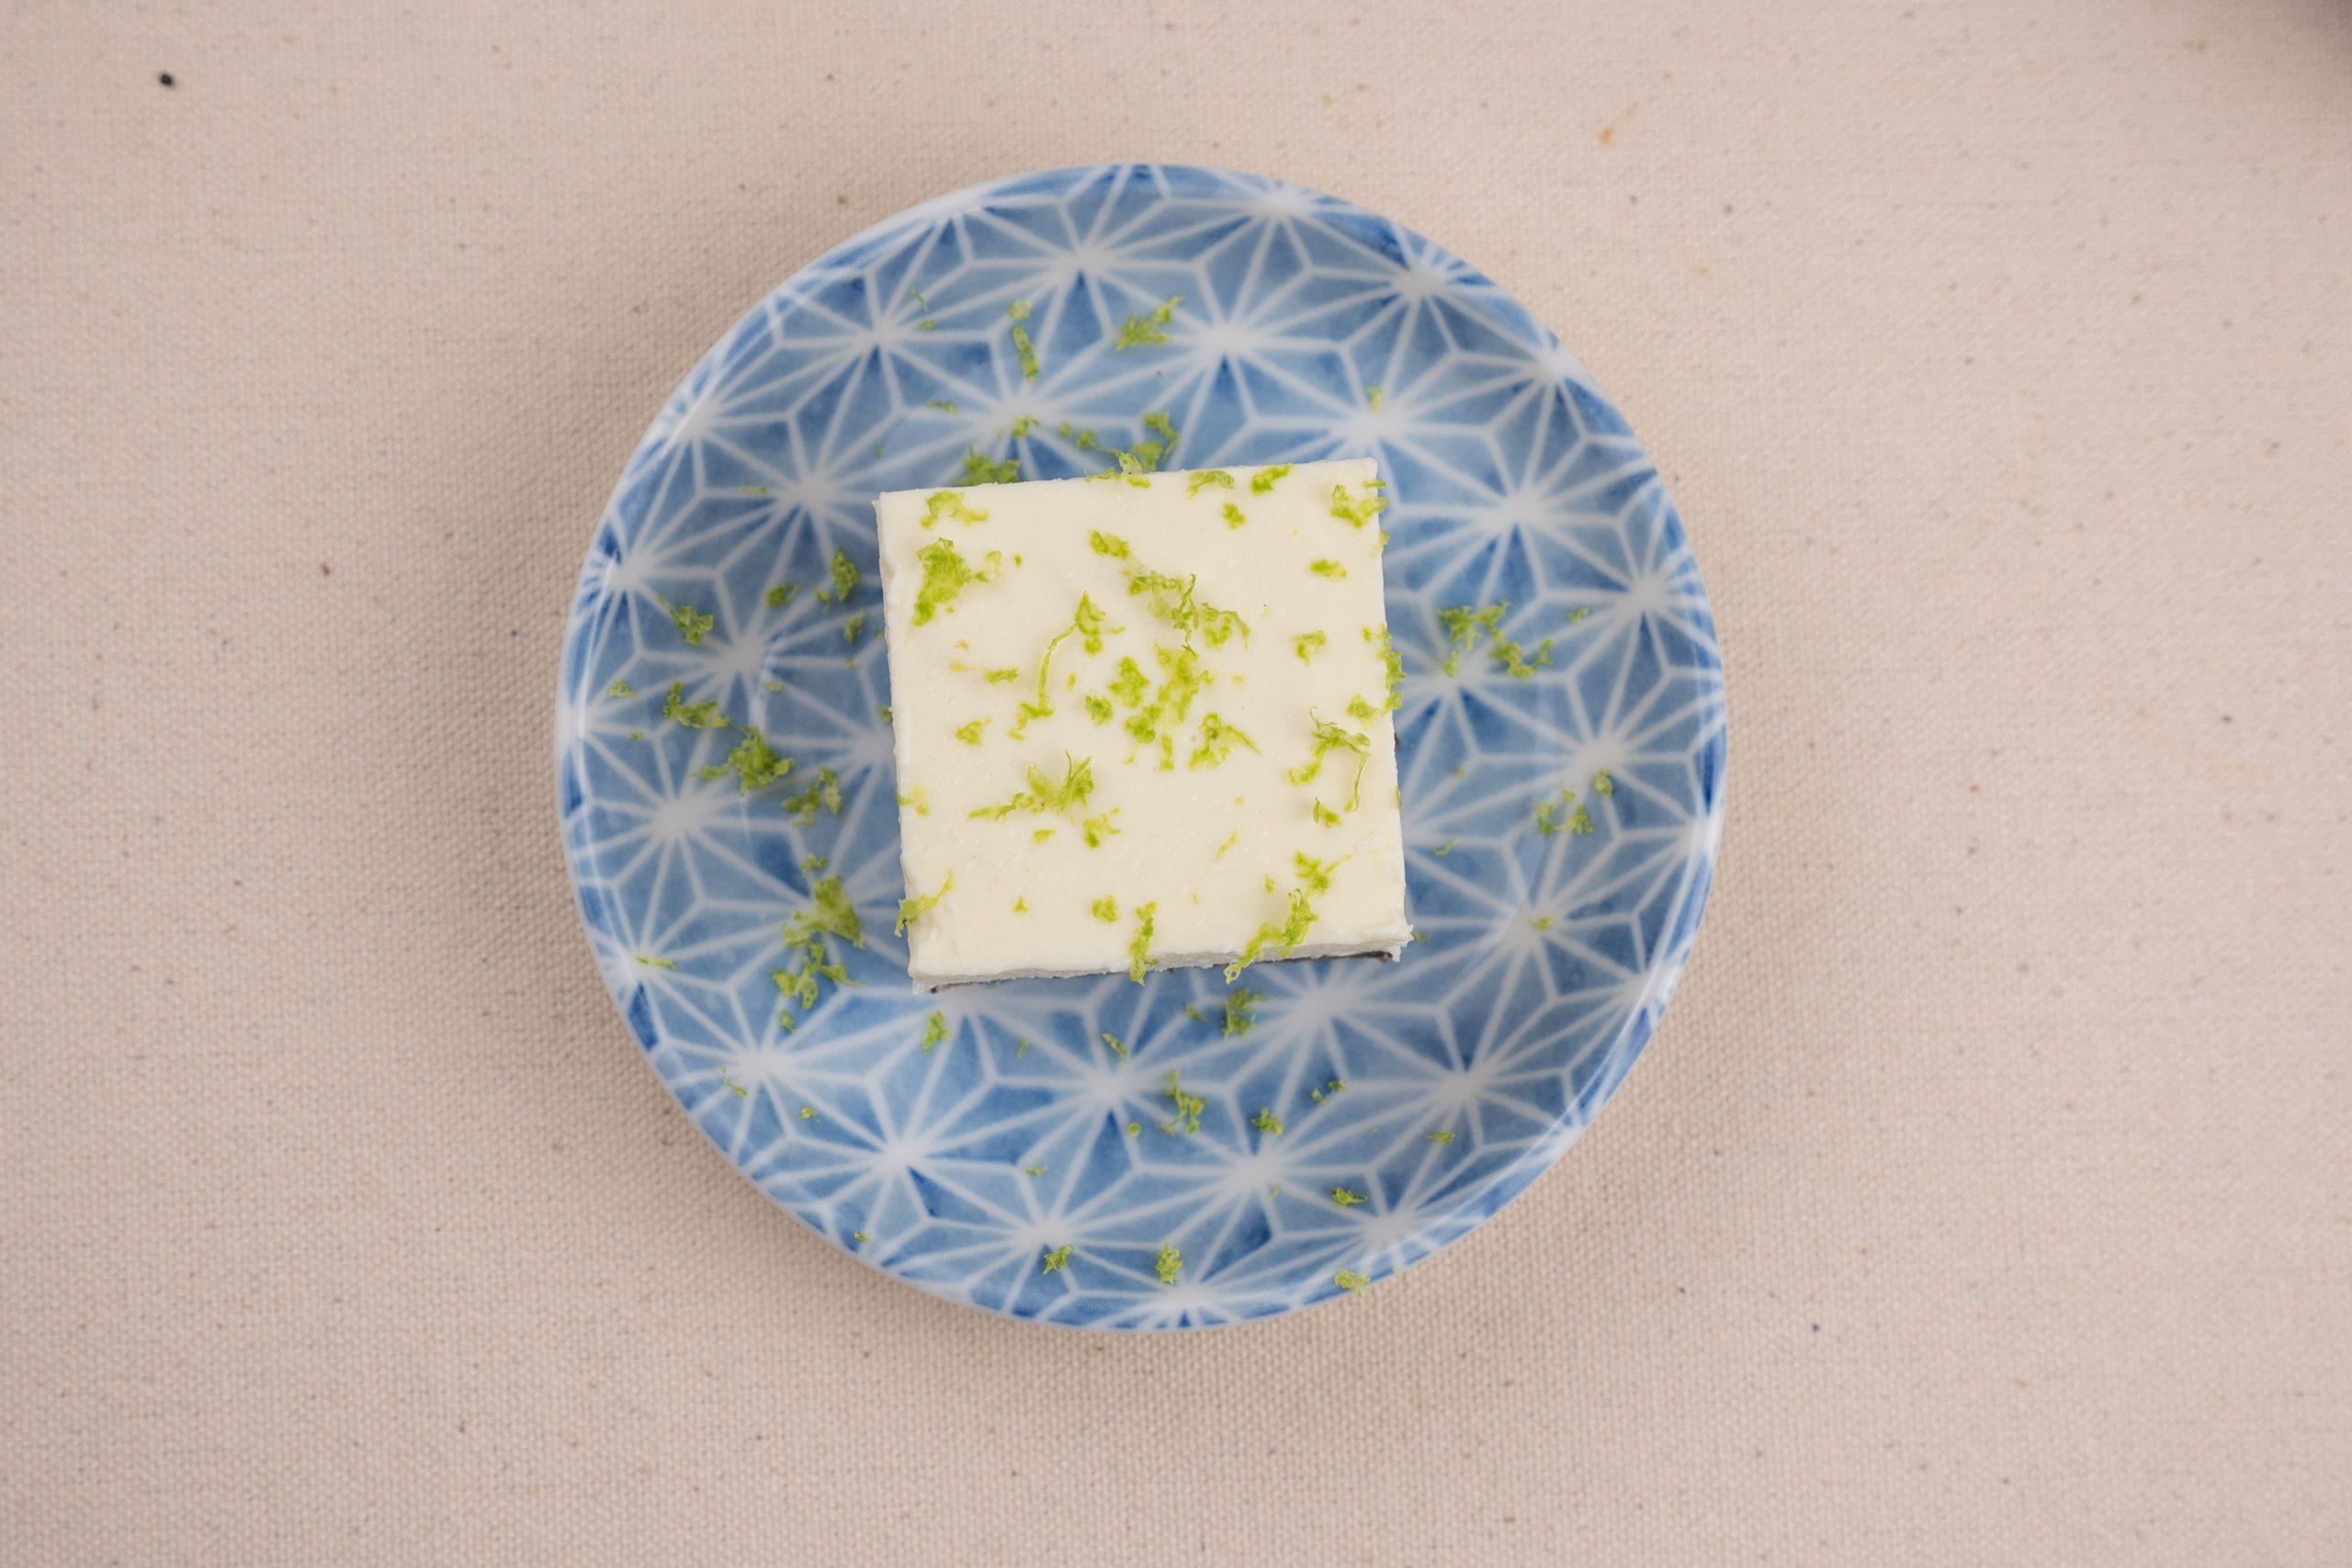 禾火甜點|檸檬白磚,酸甜生乳酪蛋糕,夏日最輕盈享受美味甜點